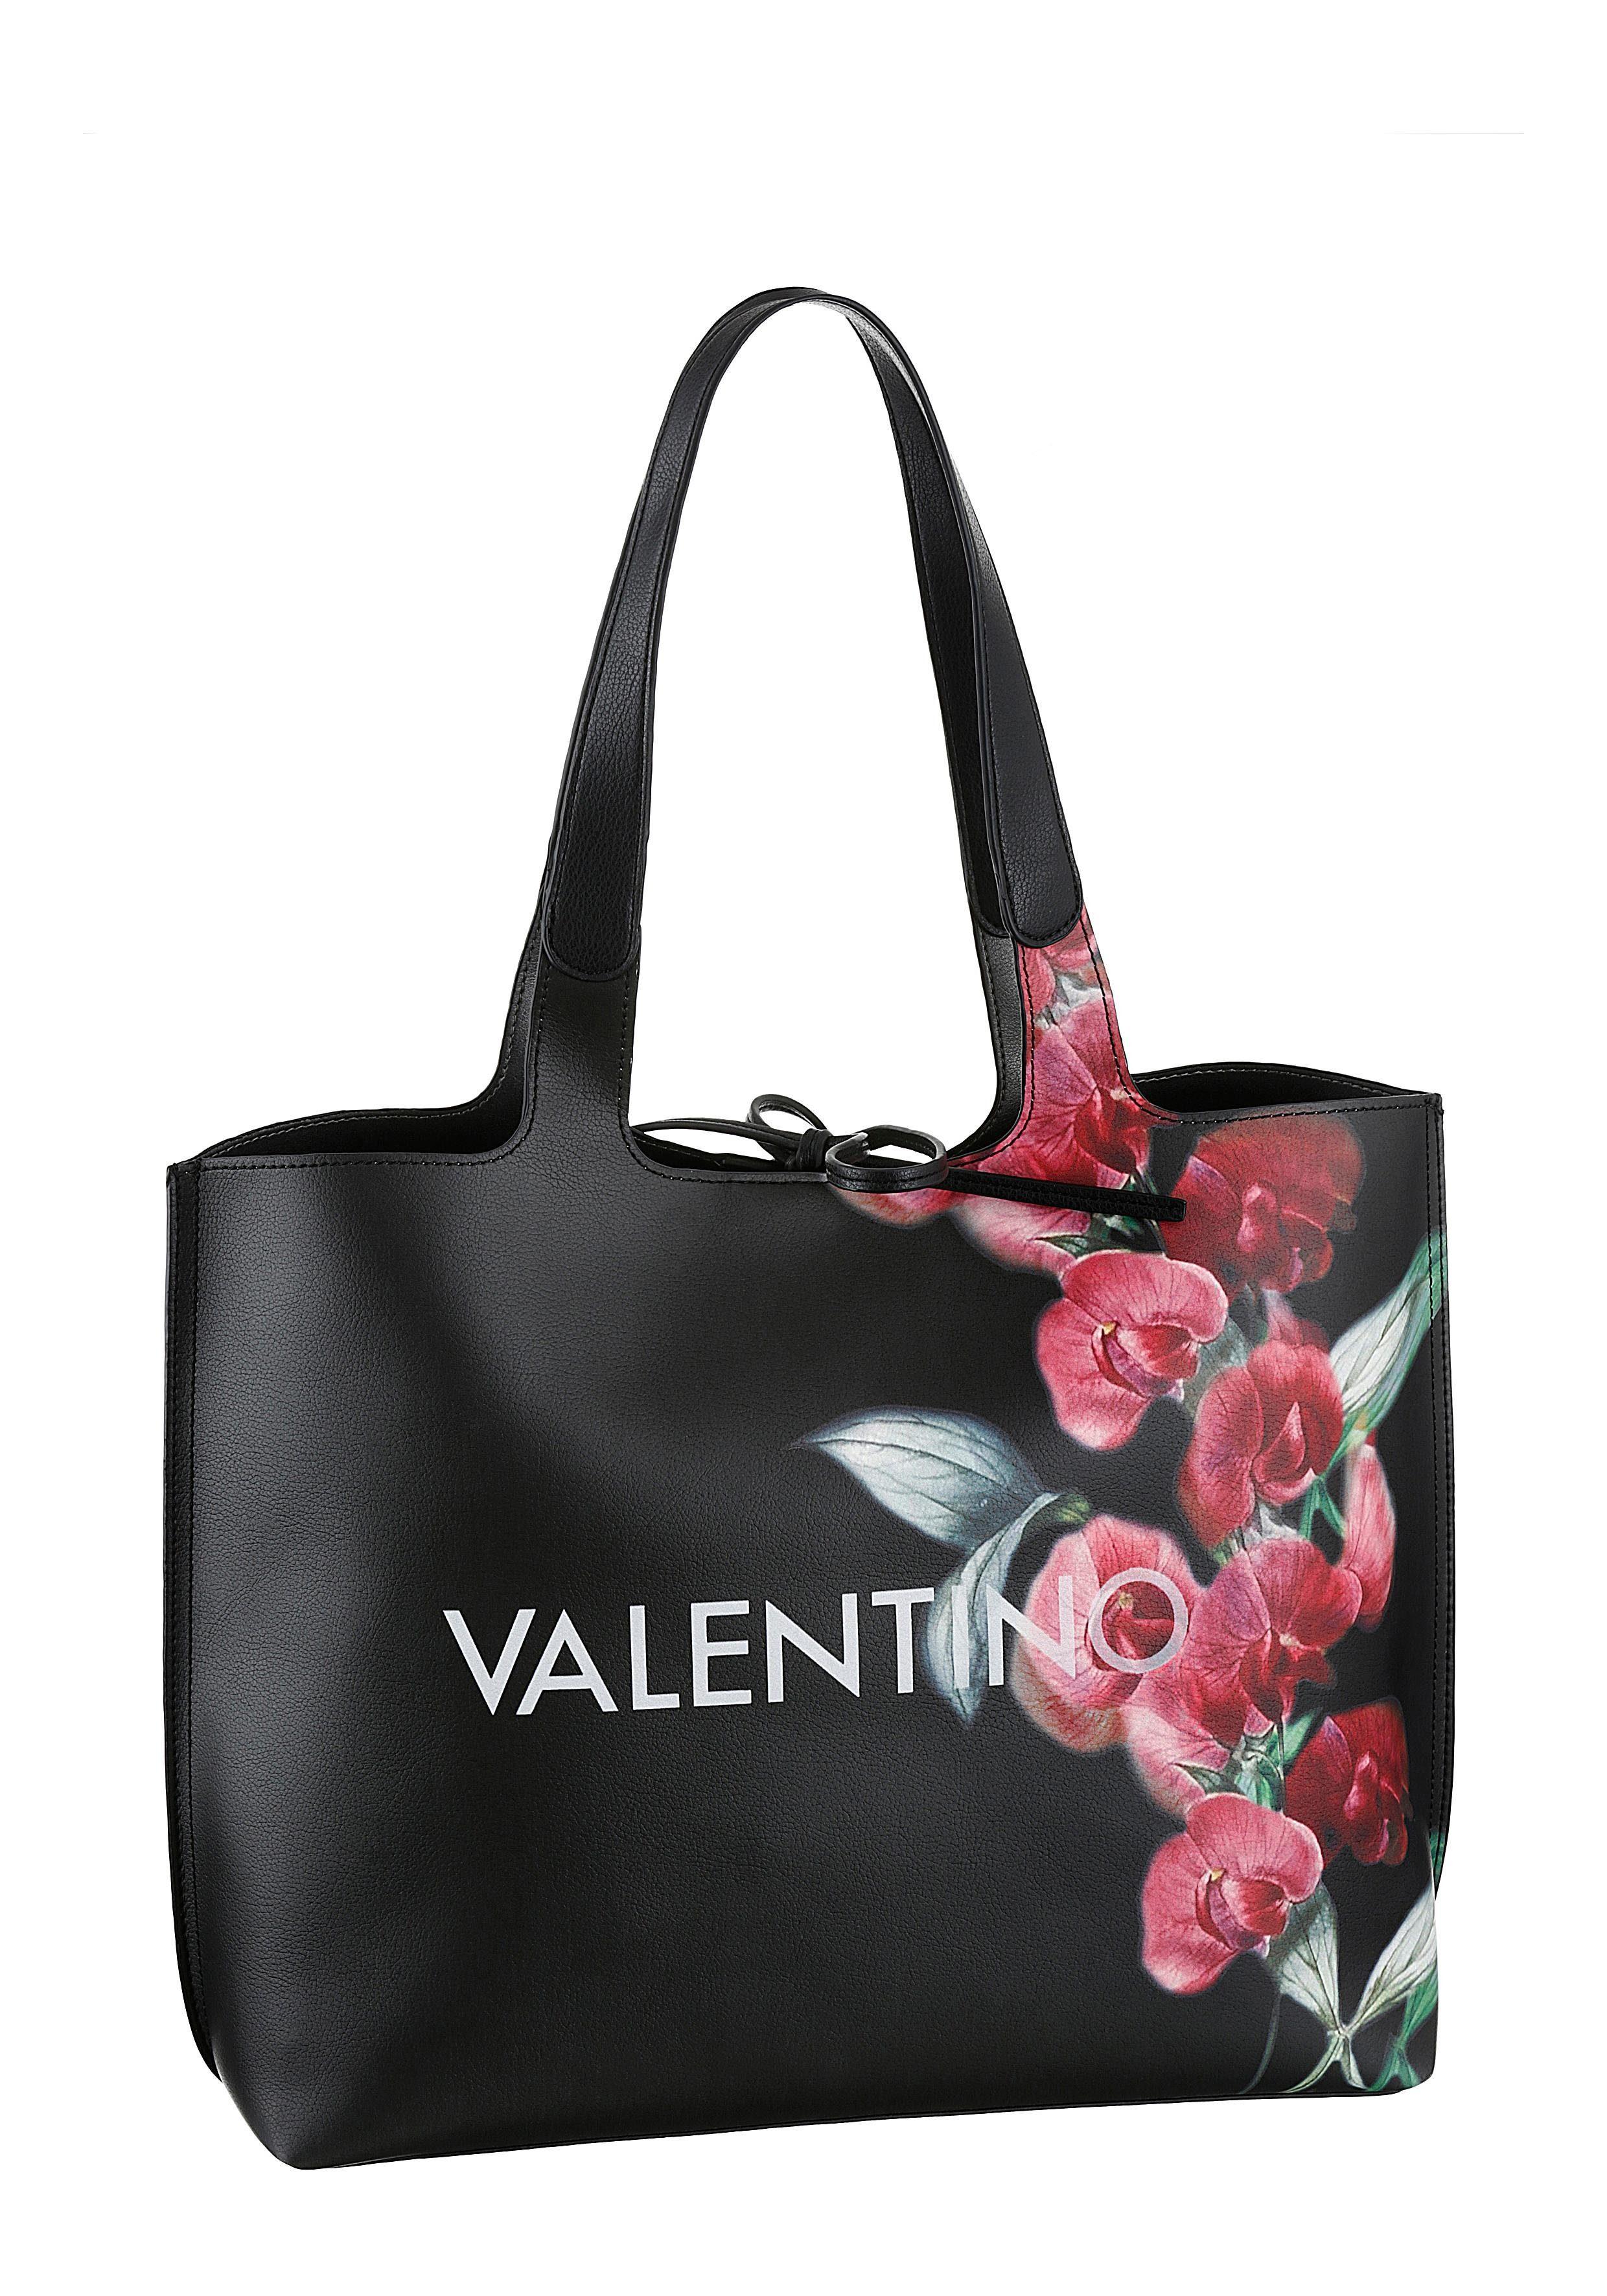 Valentino handbags Shopper, mit attraktivem Blumendruck